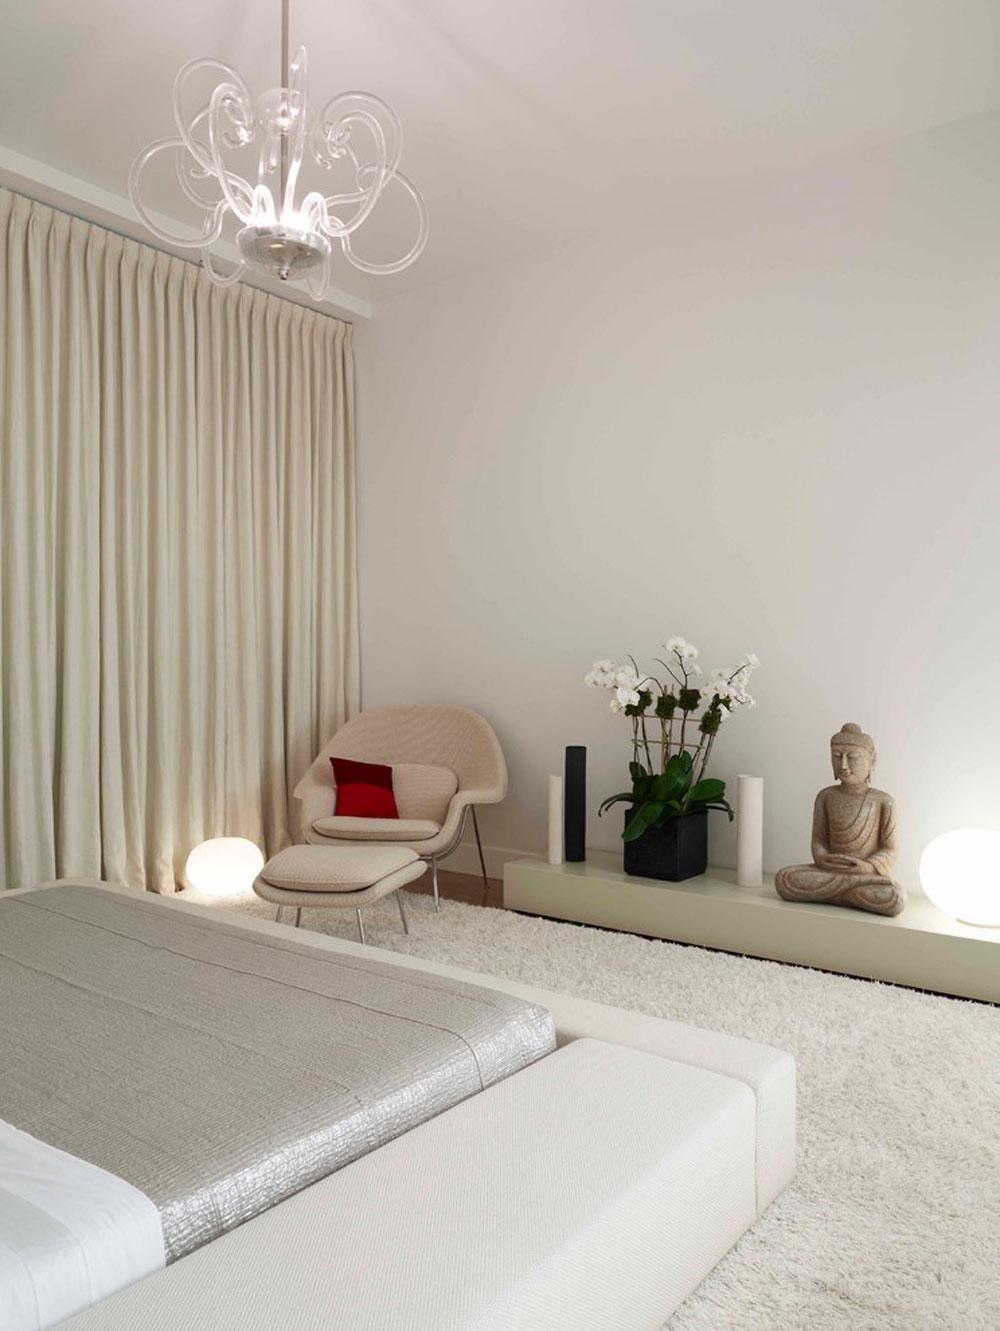 31 Creating a Zen Interior Design